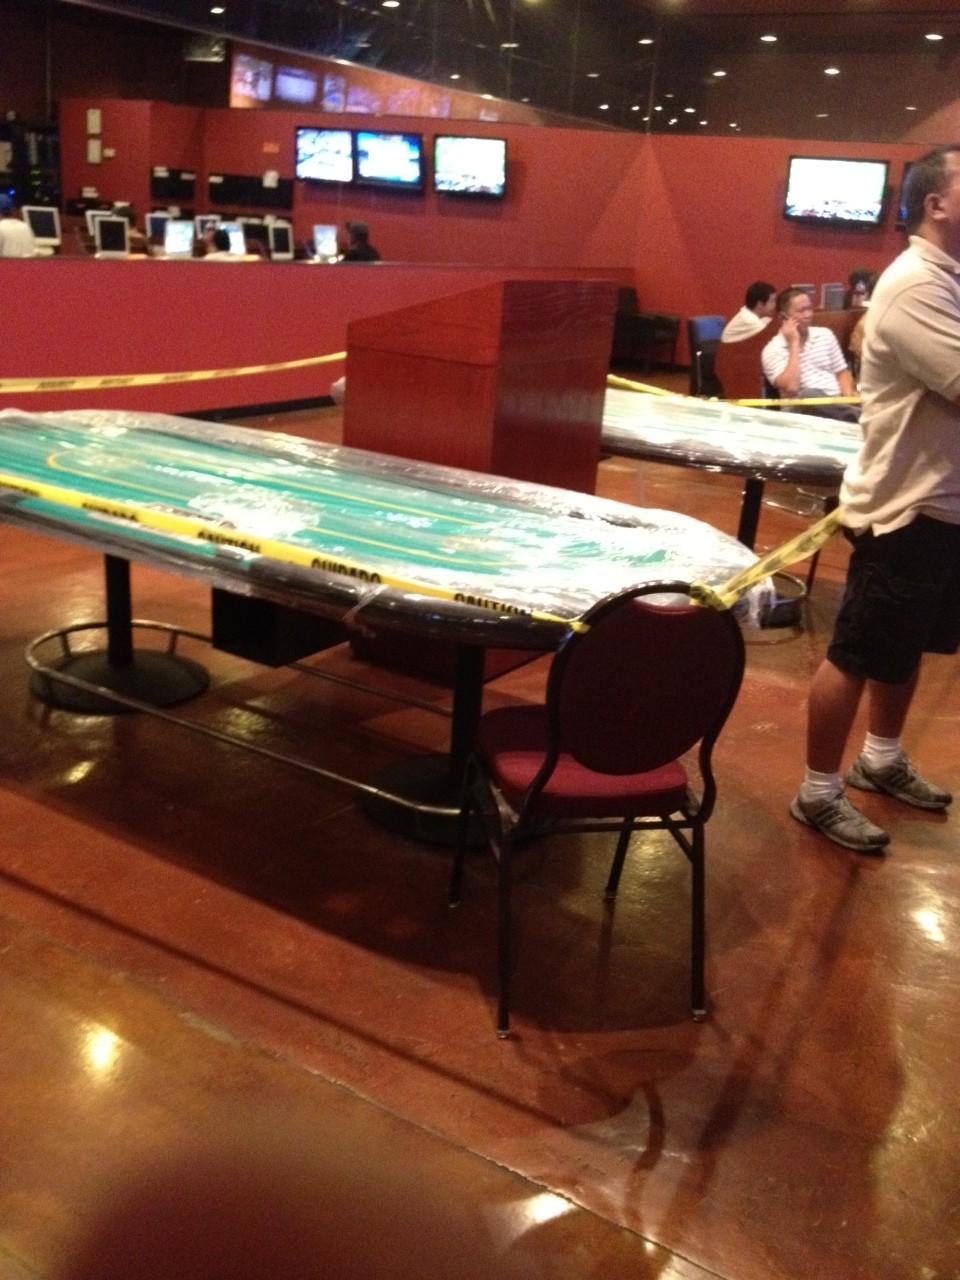 Table poker games in vegas